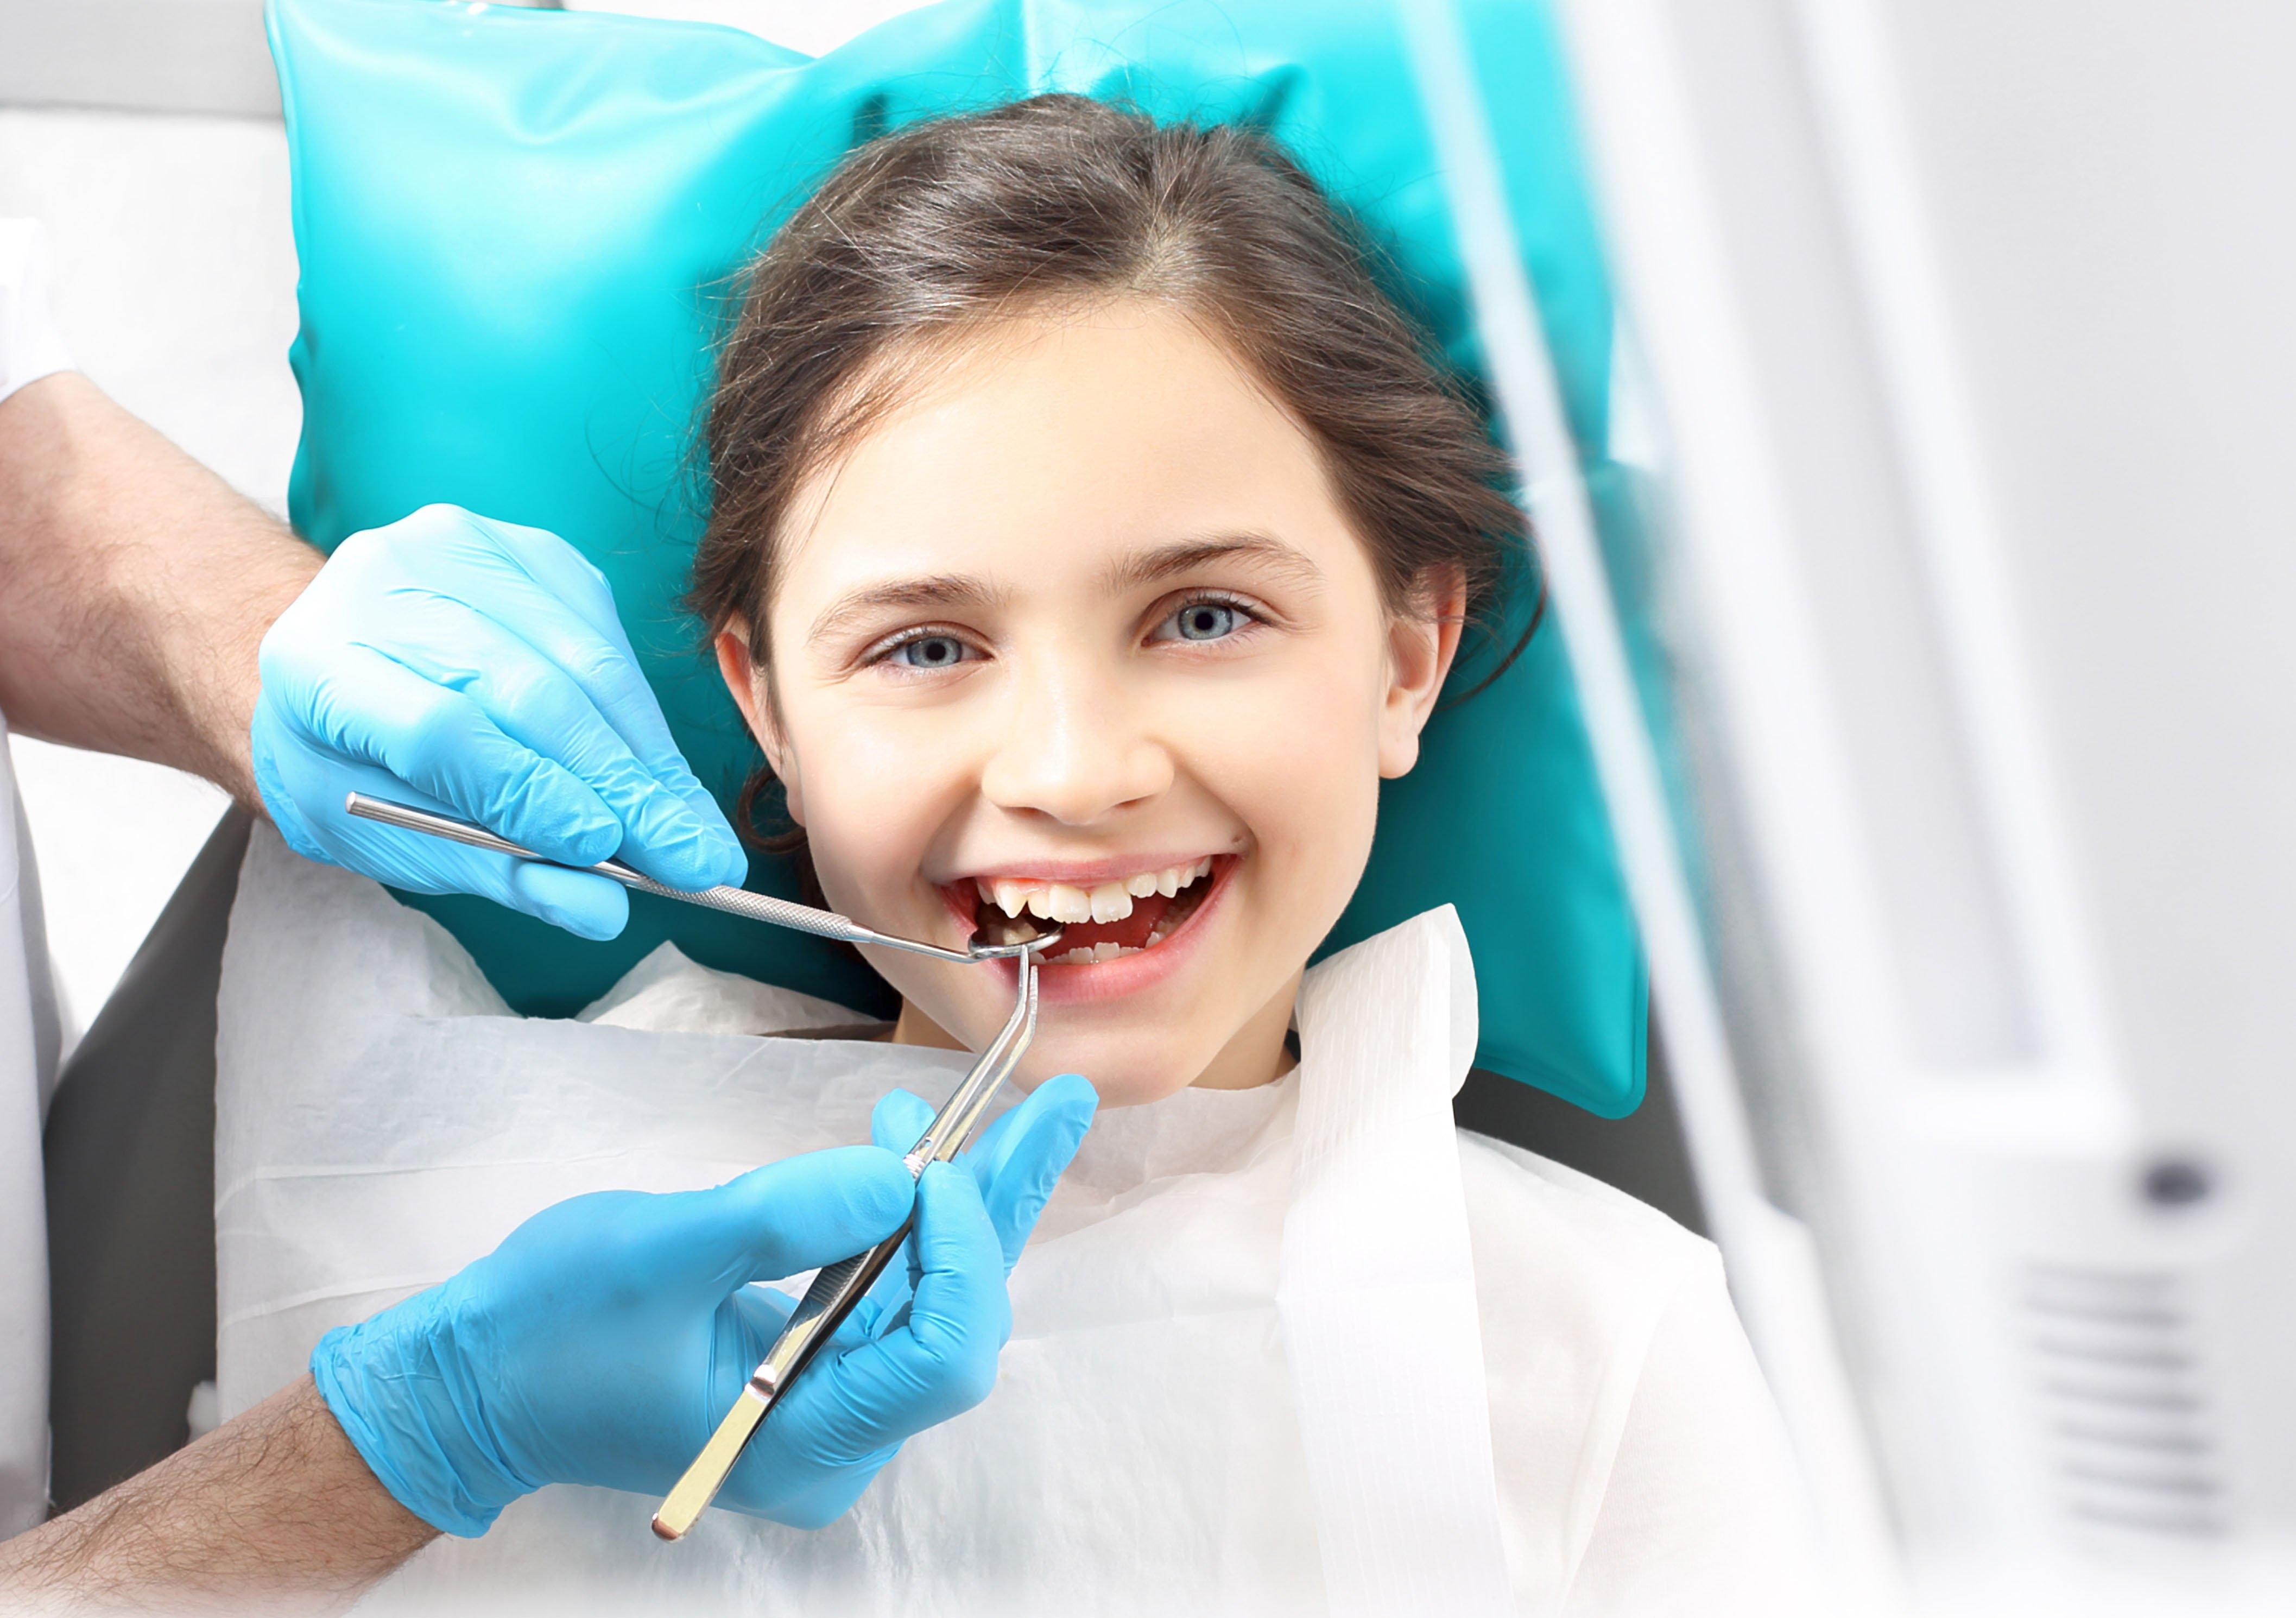 Kid at dental clinic